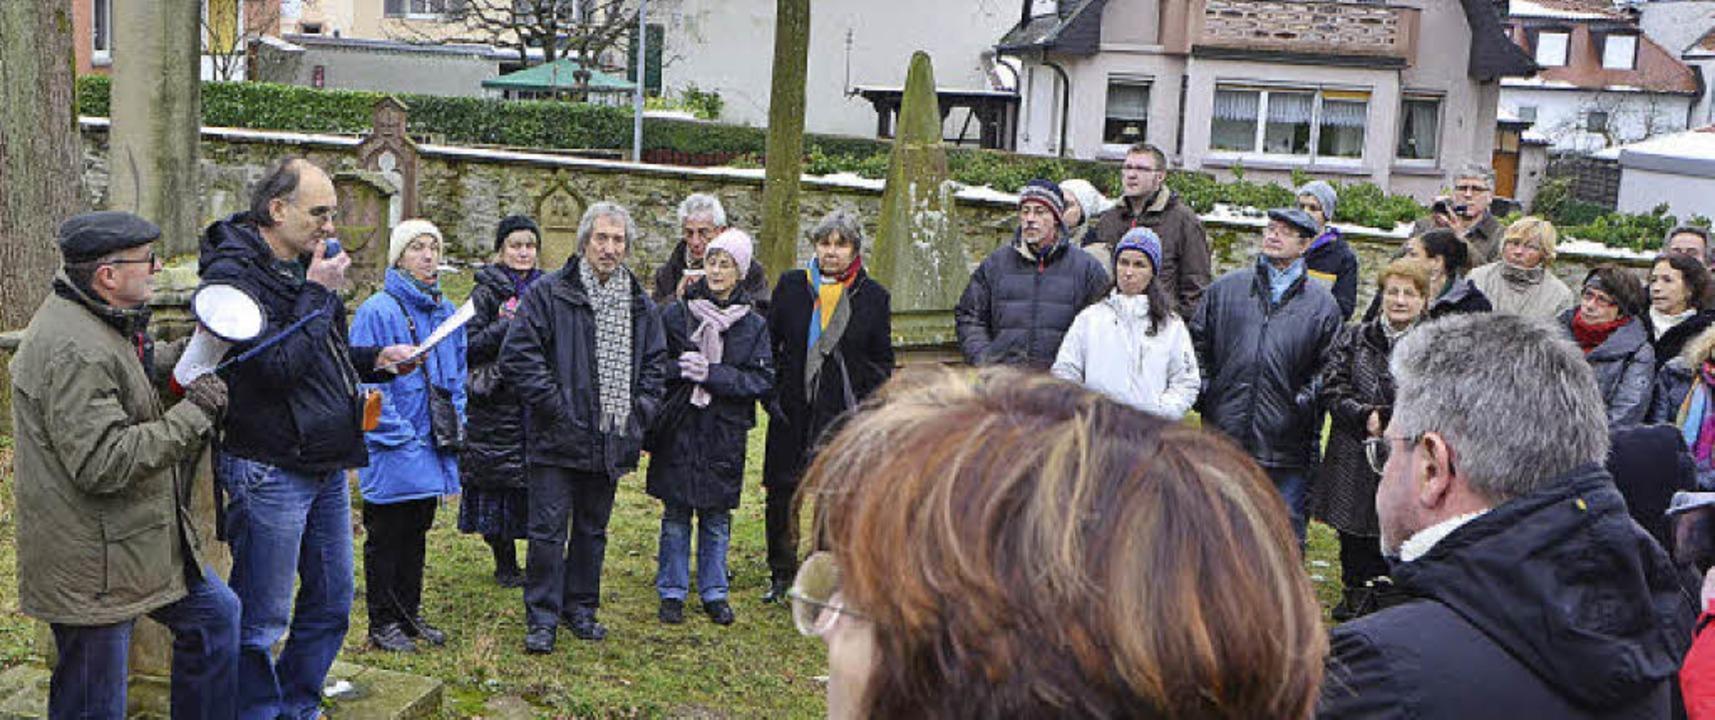 2013: Stadthistorischer Rundgang (hier: Alter Friedhof).   | Foto: Archivfoto: Timm